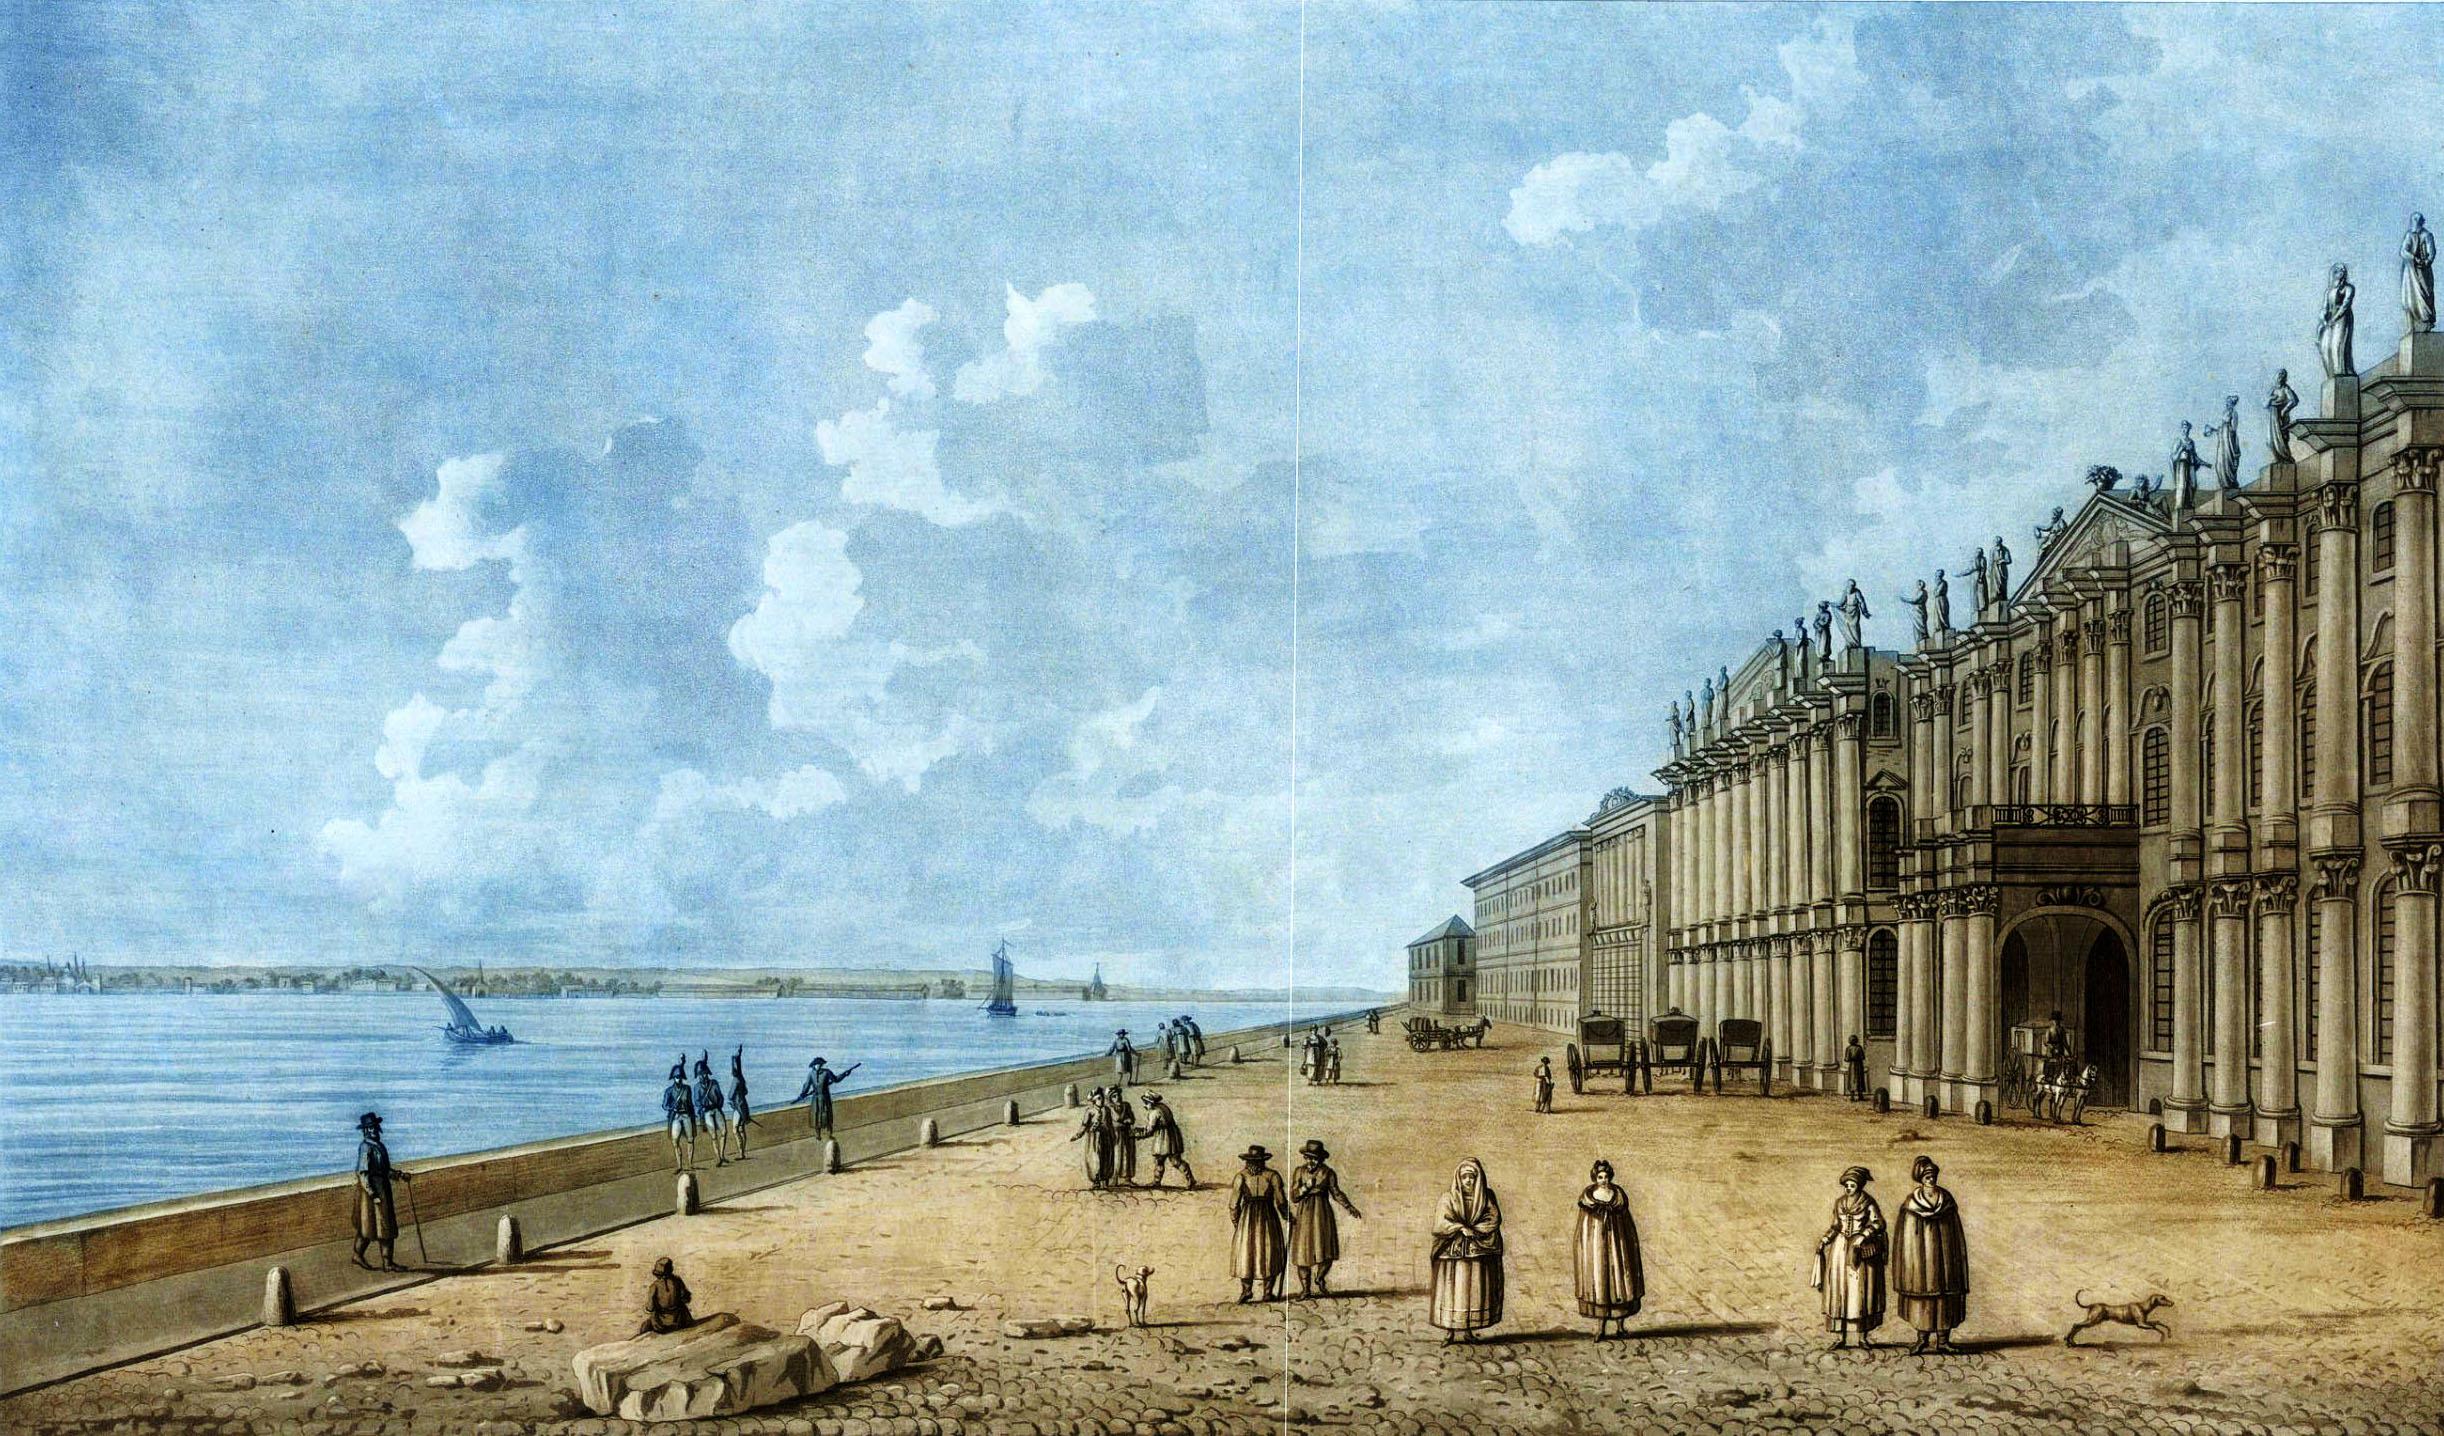 Дамам-Демартре М. Ф. Гравюра «Vue du Palas Impérial, du coté de la Néva» из Picture of Petersbourg (Orme) 1815 г.